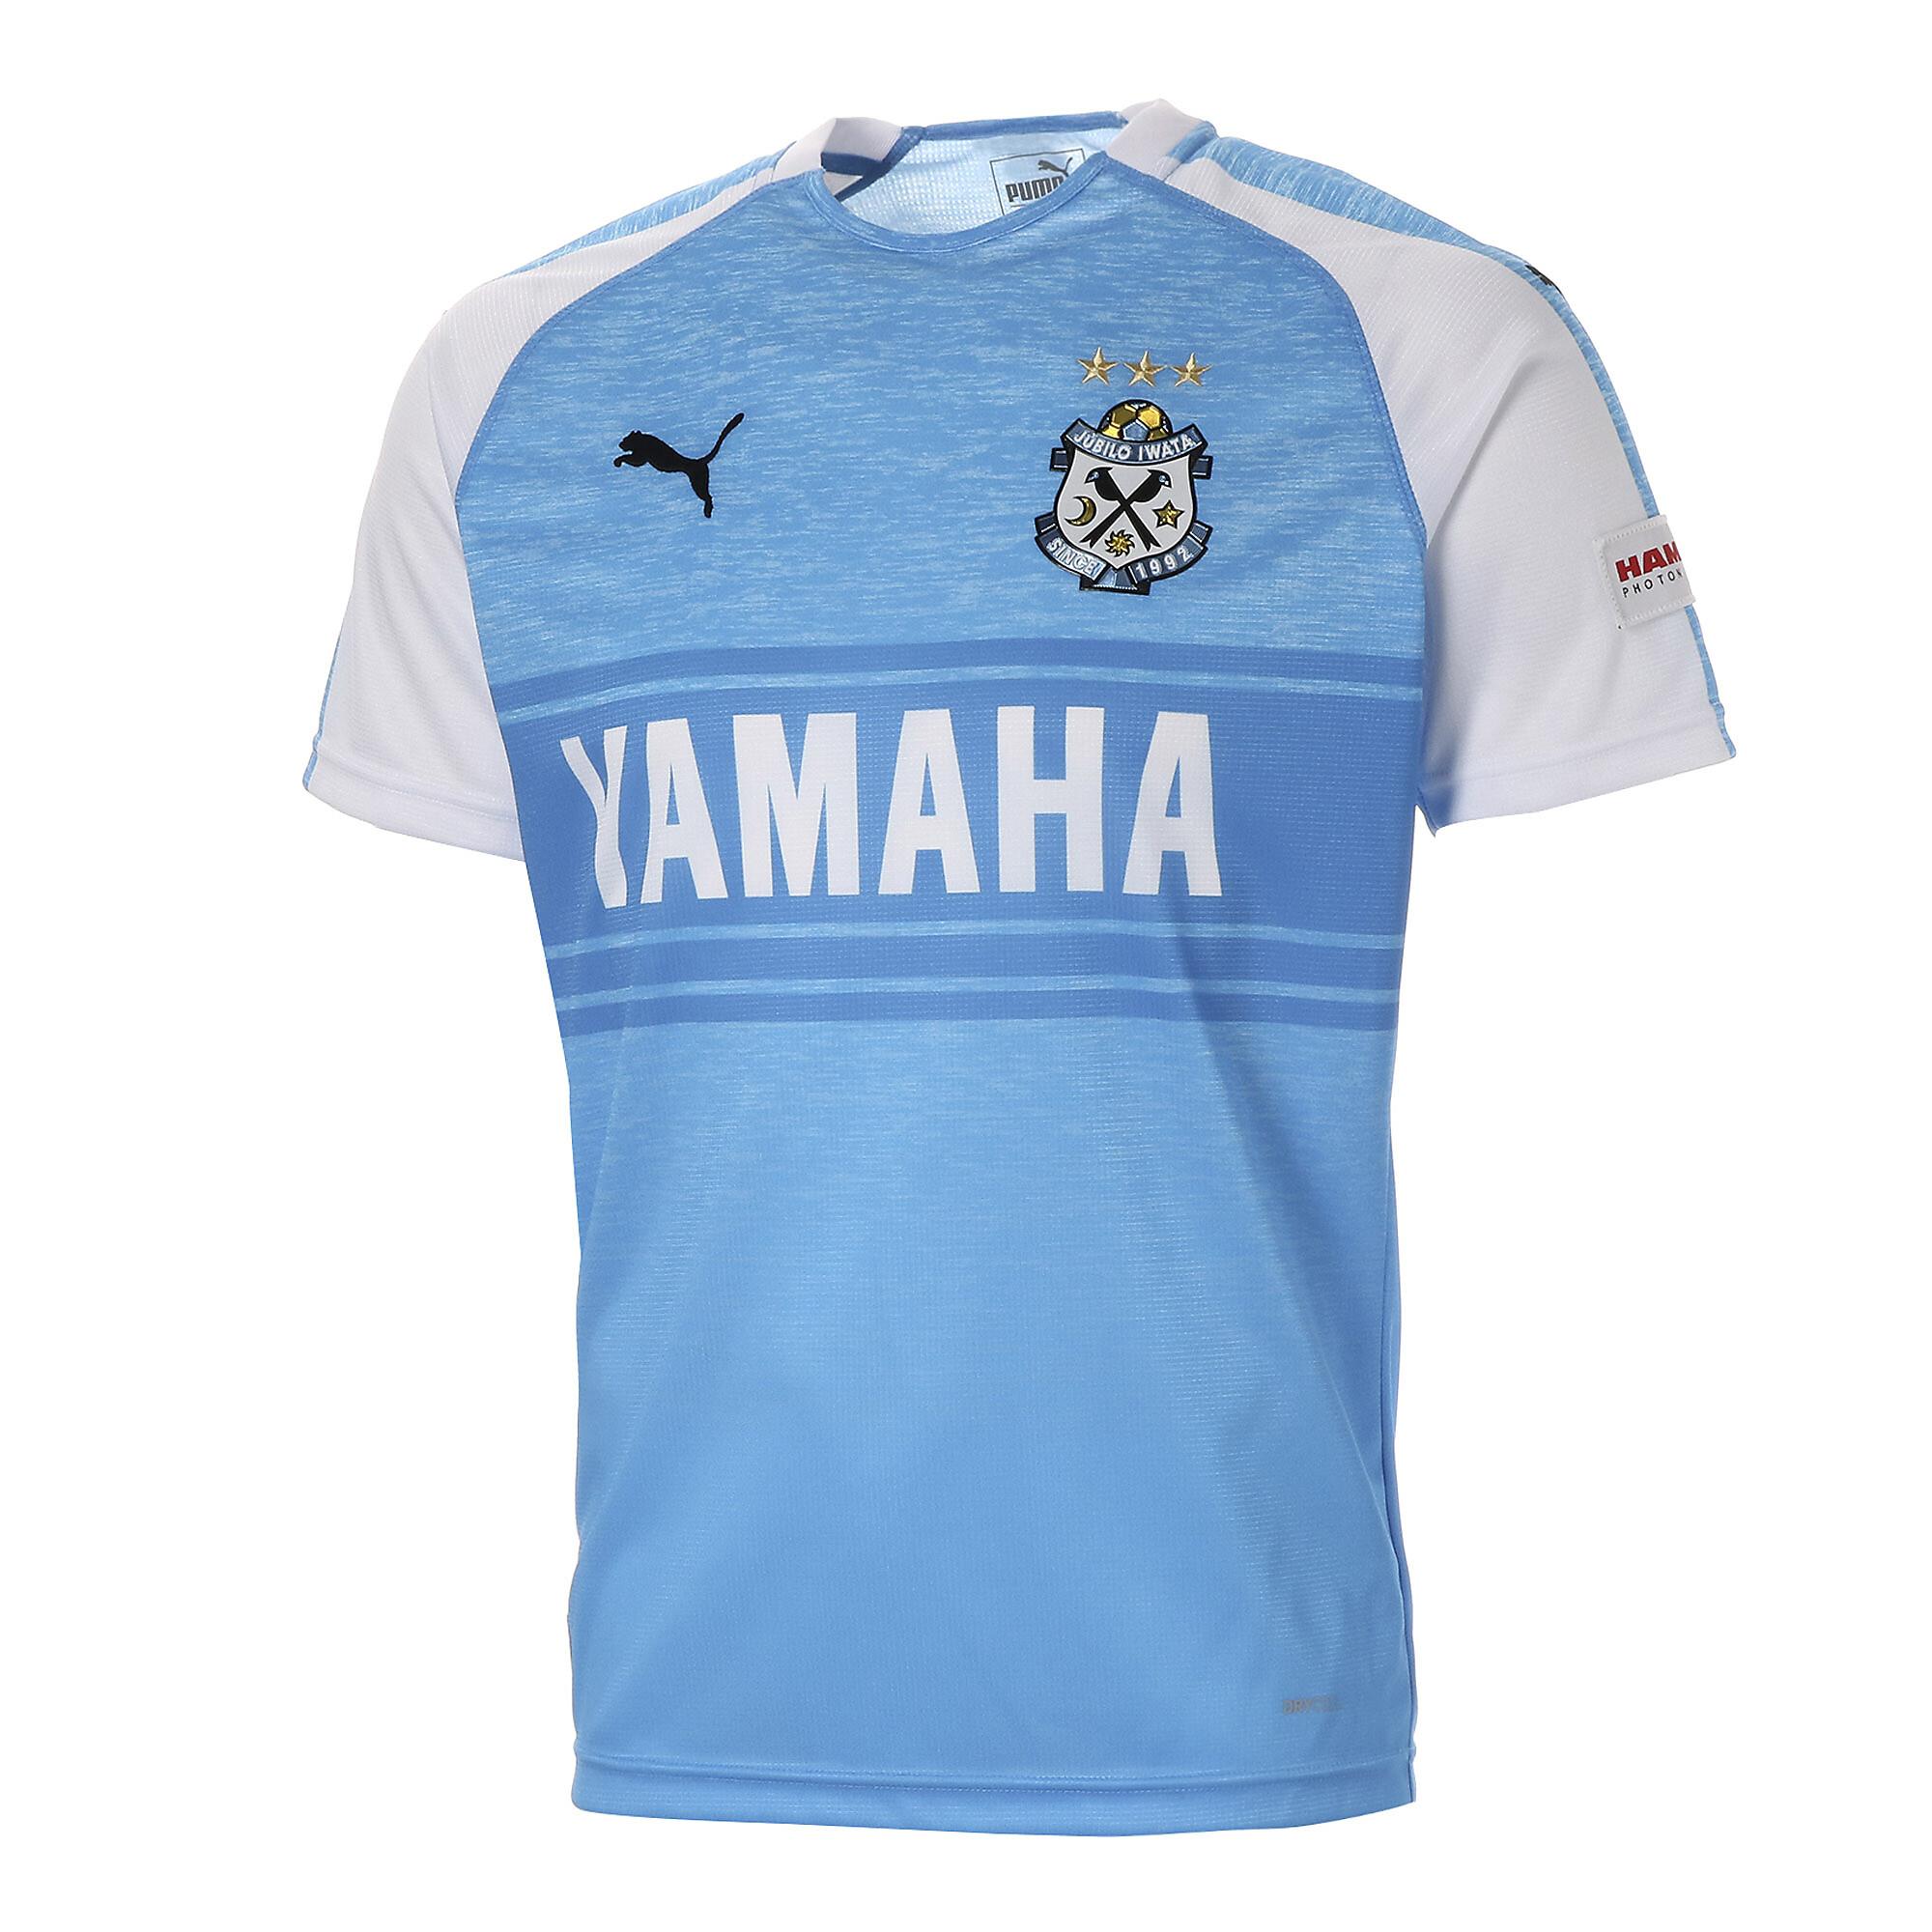 【プーマ公式通販】 プーマ ジュビロ 19 ホーム 半袖 ゲームシャツ メンズ AZURE BLUE Heather |PUMA.com